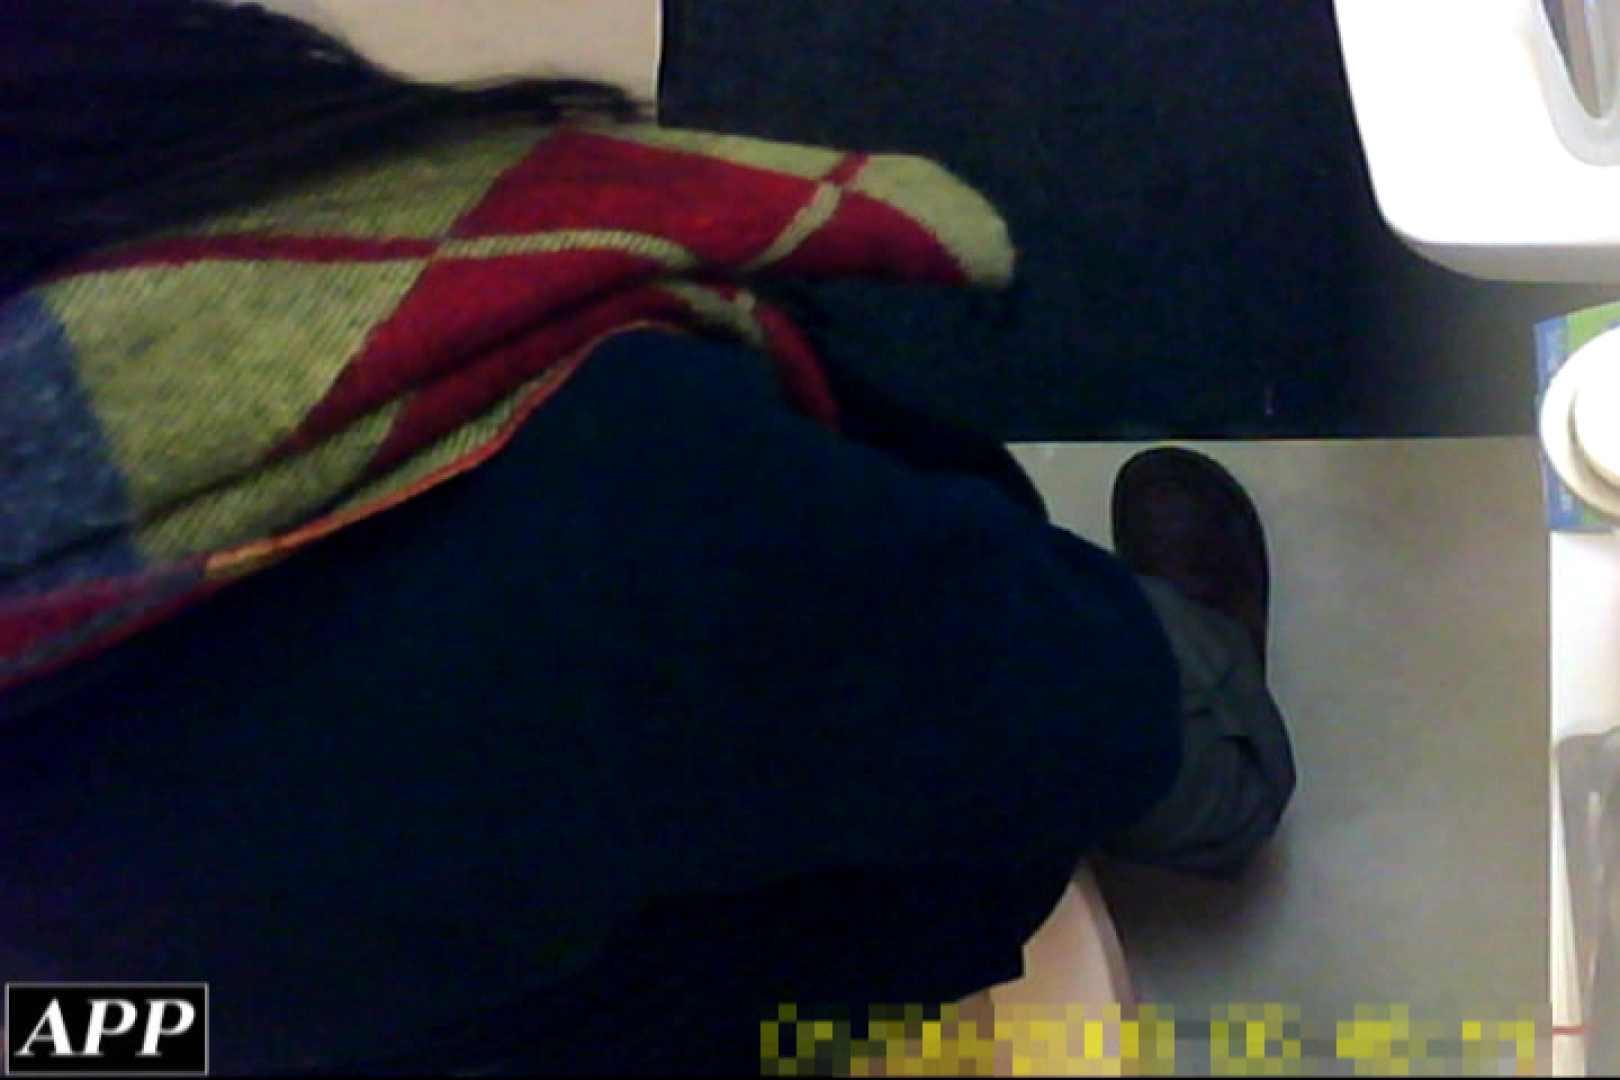 3視点洗面所 vol.88 OLの実態 隠し撮りオマンコ動画紹介 34pic 8